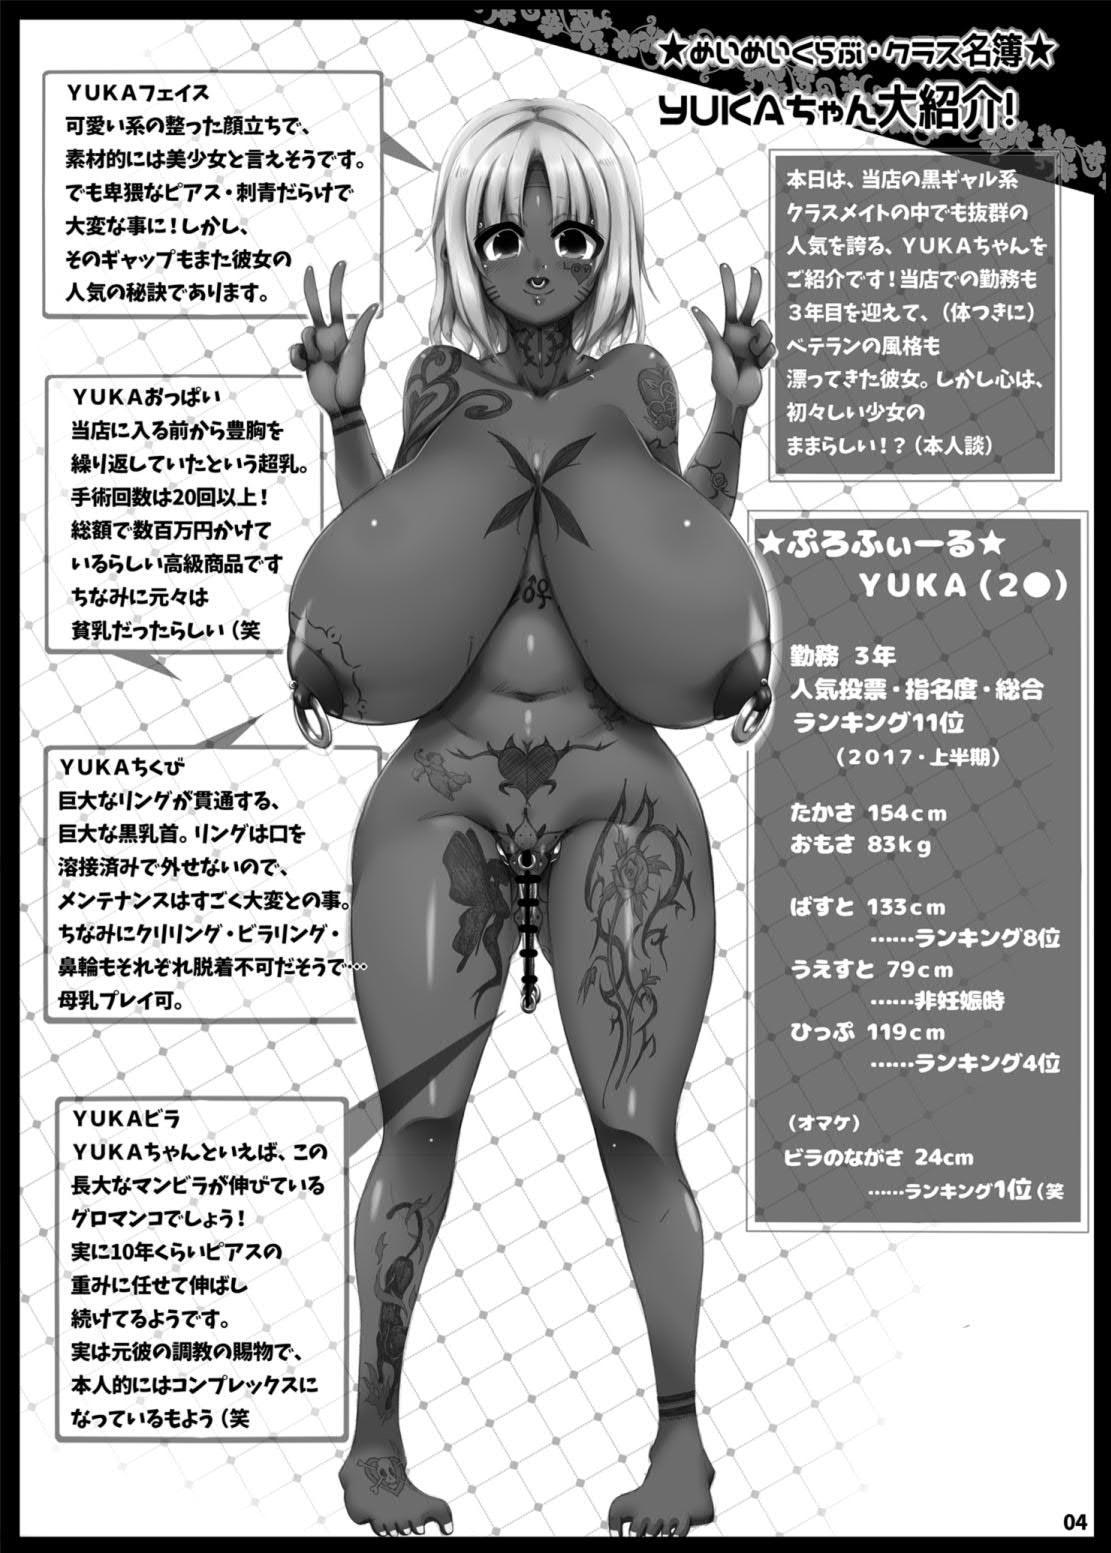 YUKAPERA 2.5 2